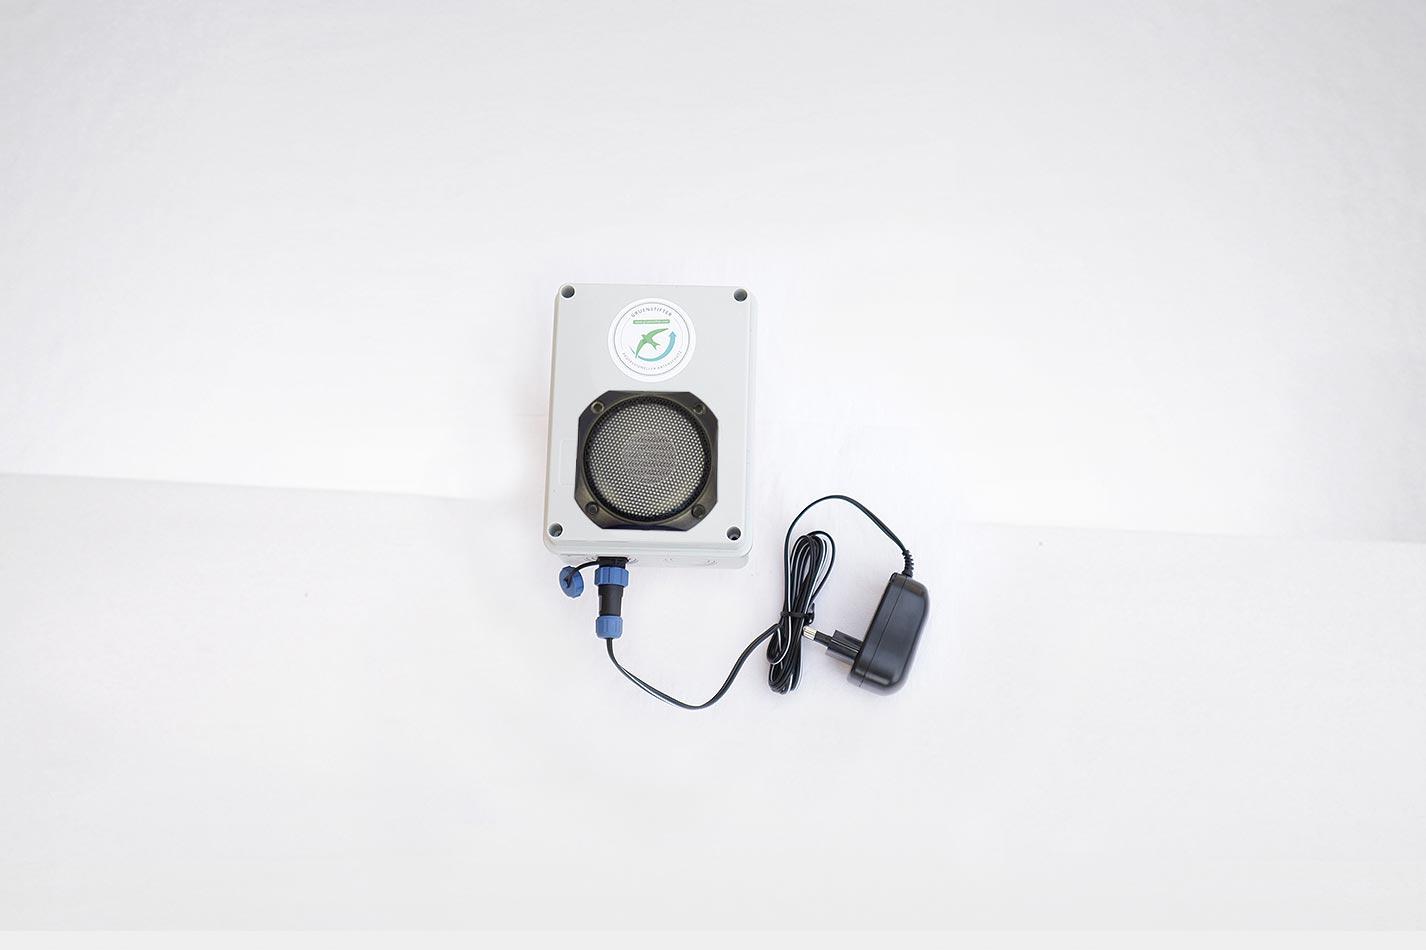 Klangattrappe 230 V Netzanschluss zum Abspielen von Vogelrufen